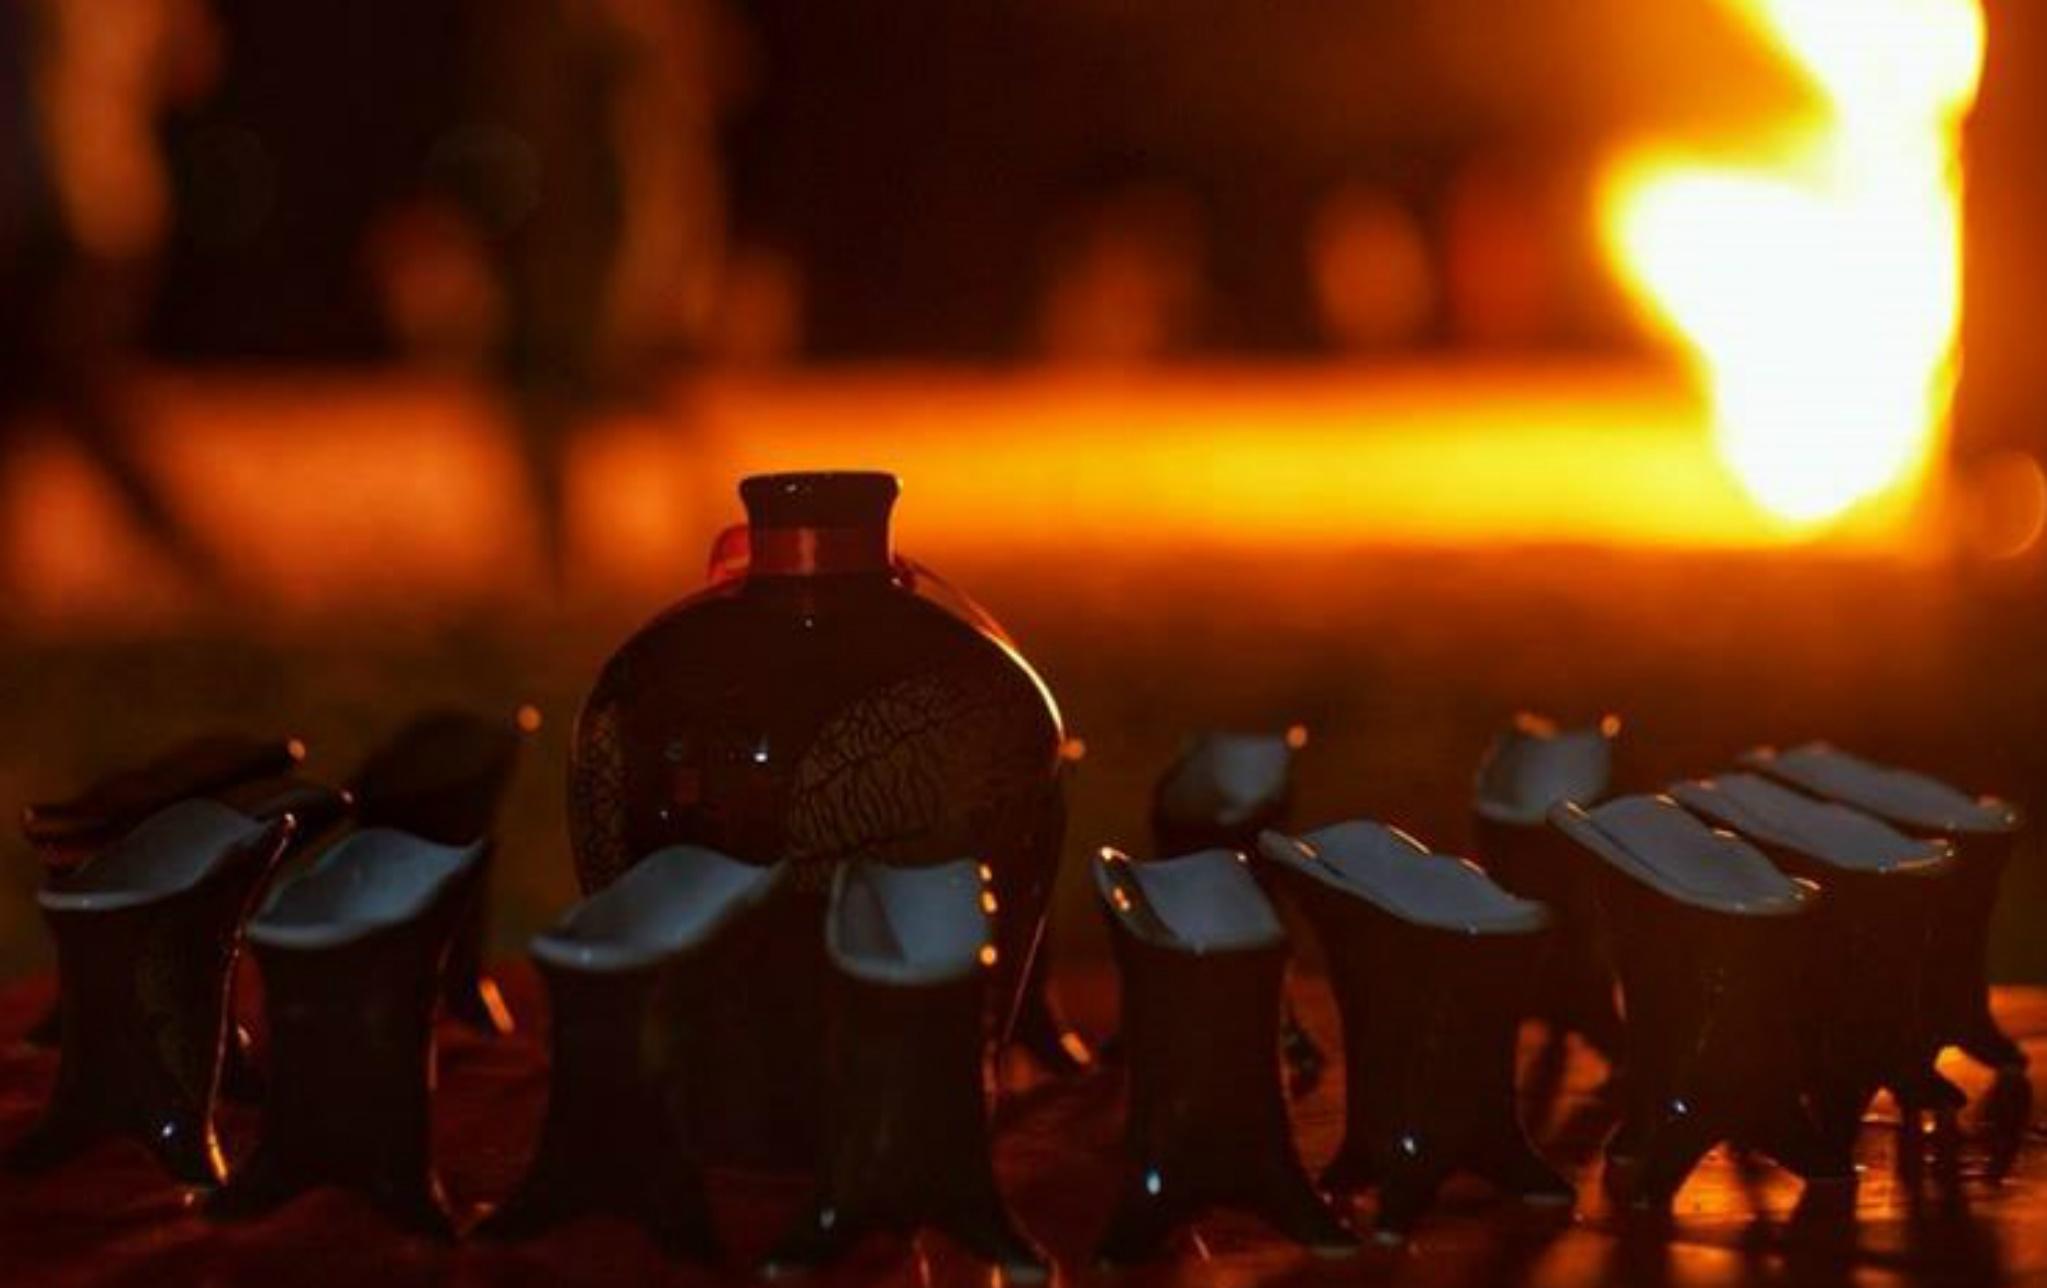 Rượu Kiết Tường - RƯỢU CỦA NGƯỜI VIỆT